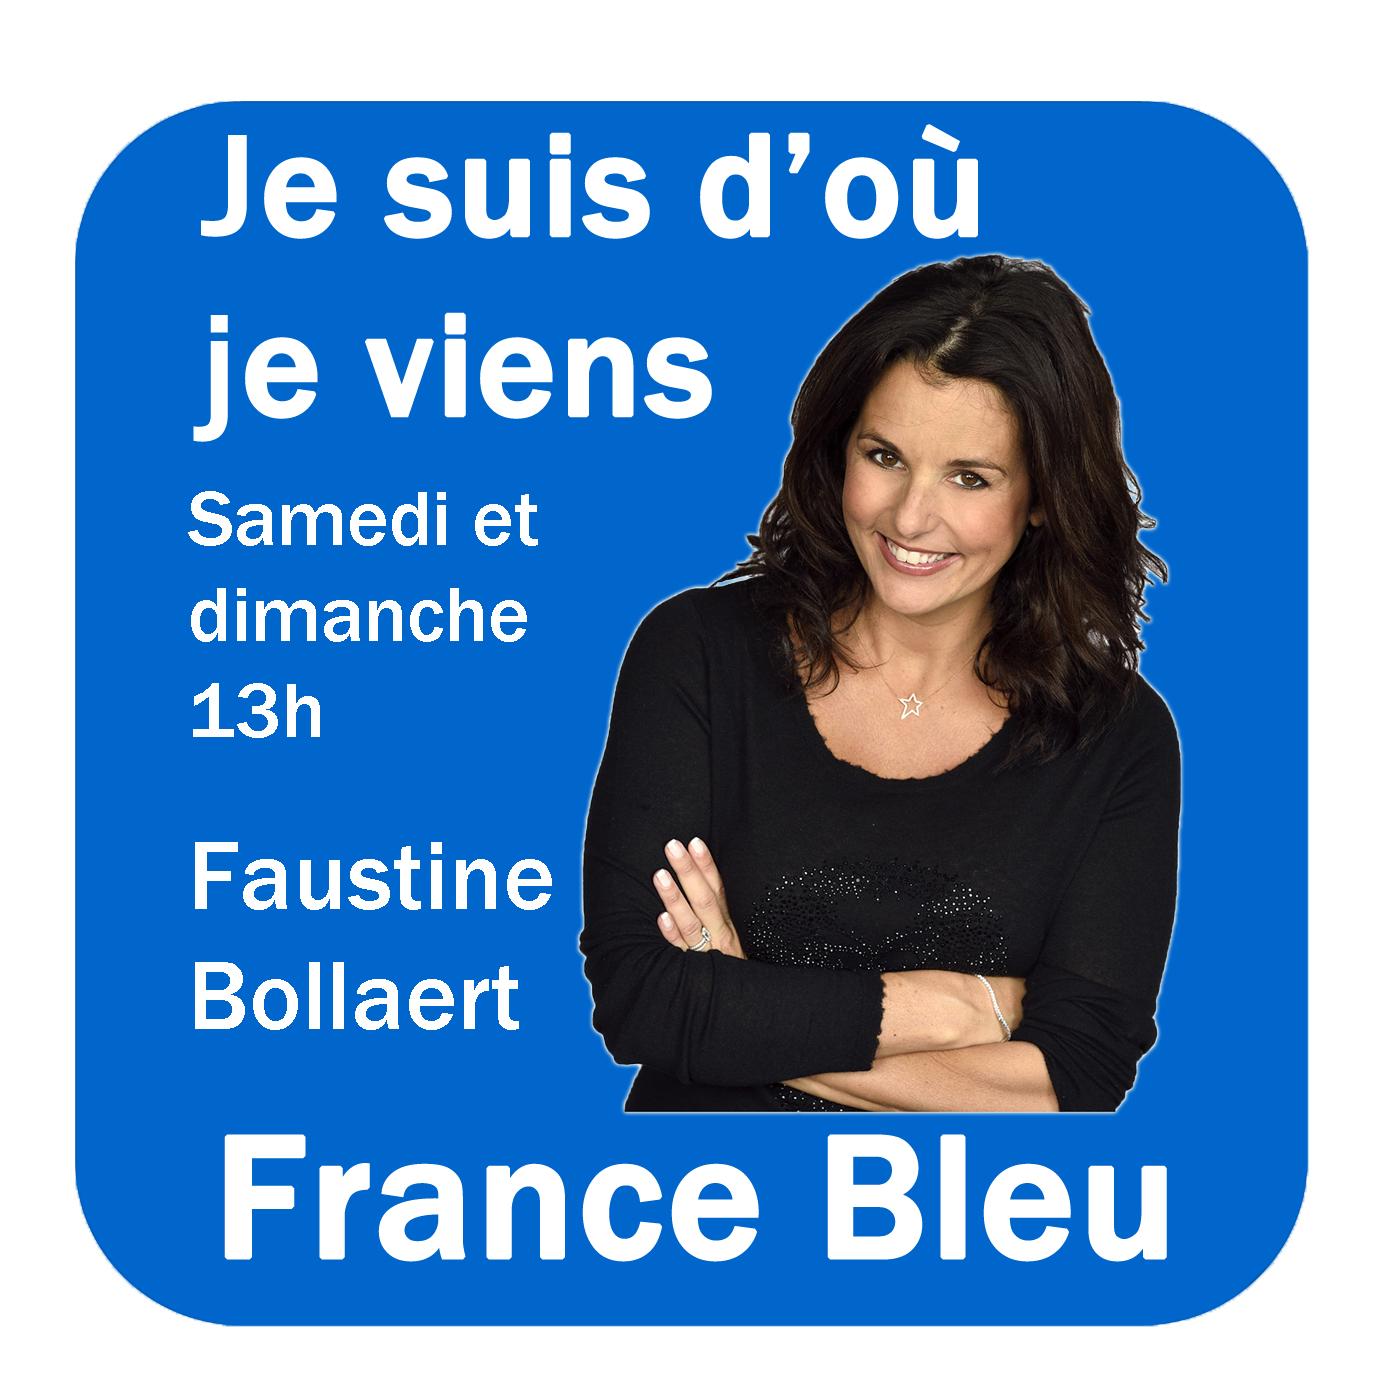 Je suis d'où je viens France Bleu